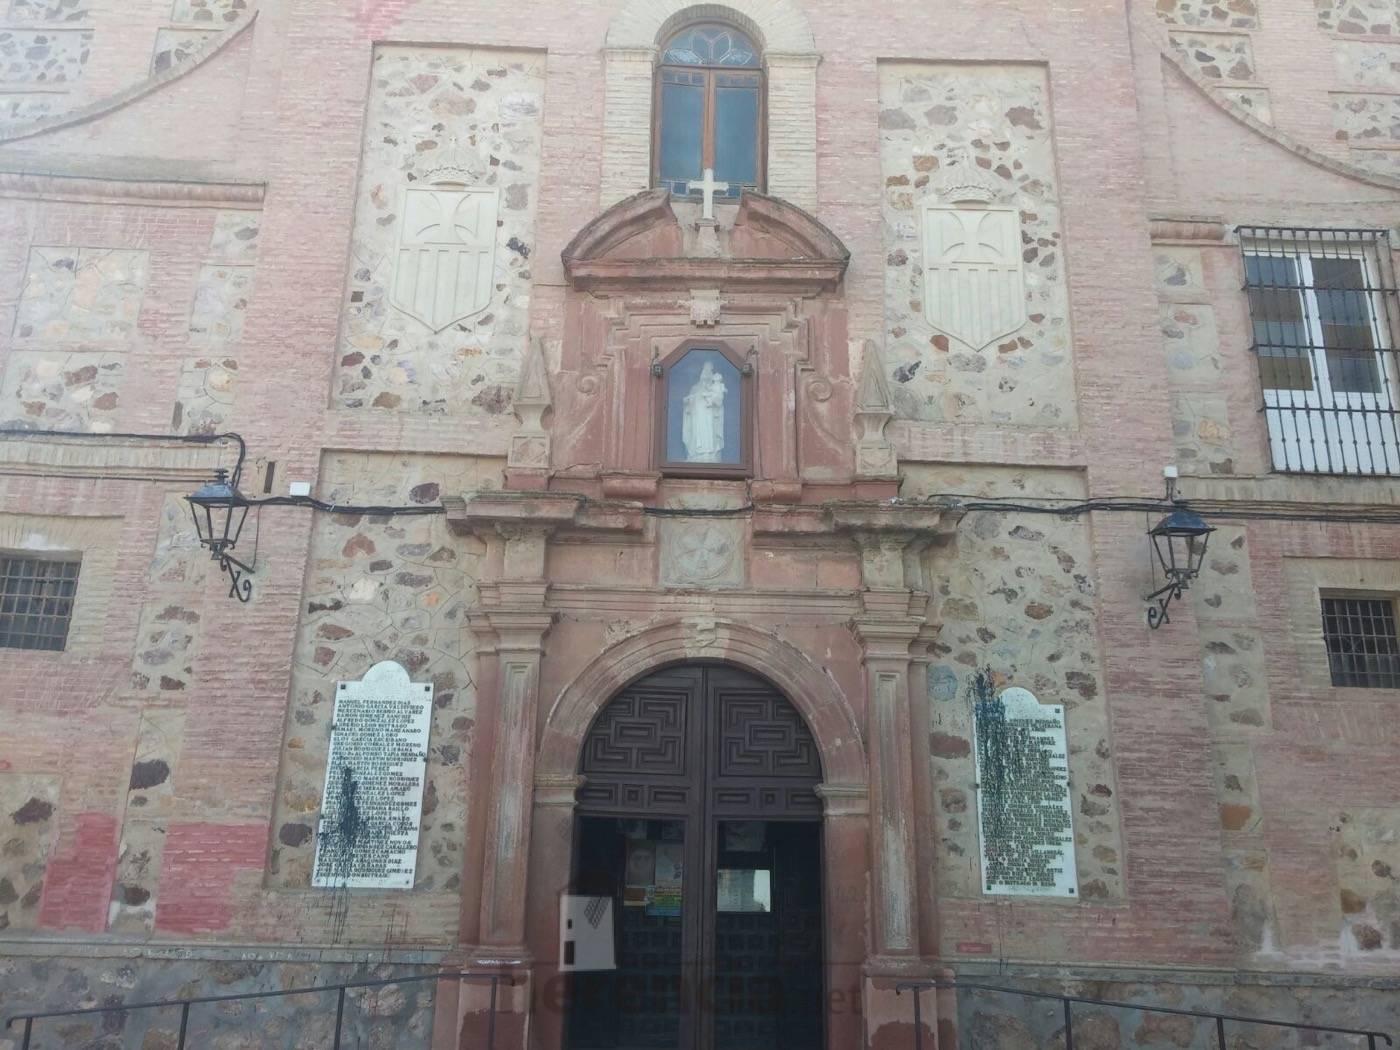 placas en memoria a los caidos en fachada del convento de herencia - 2